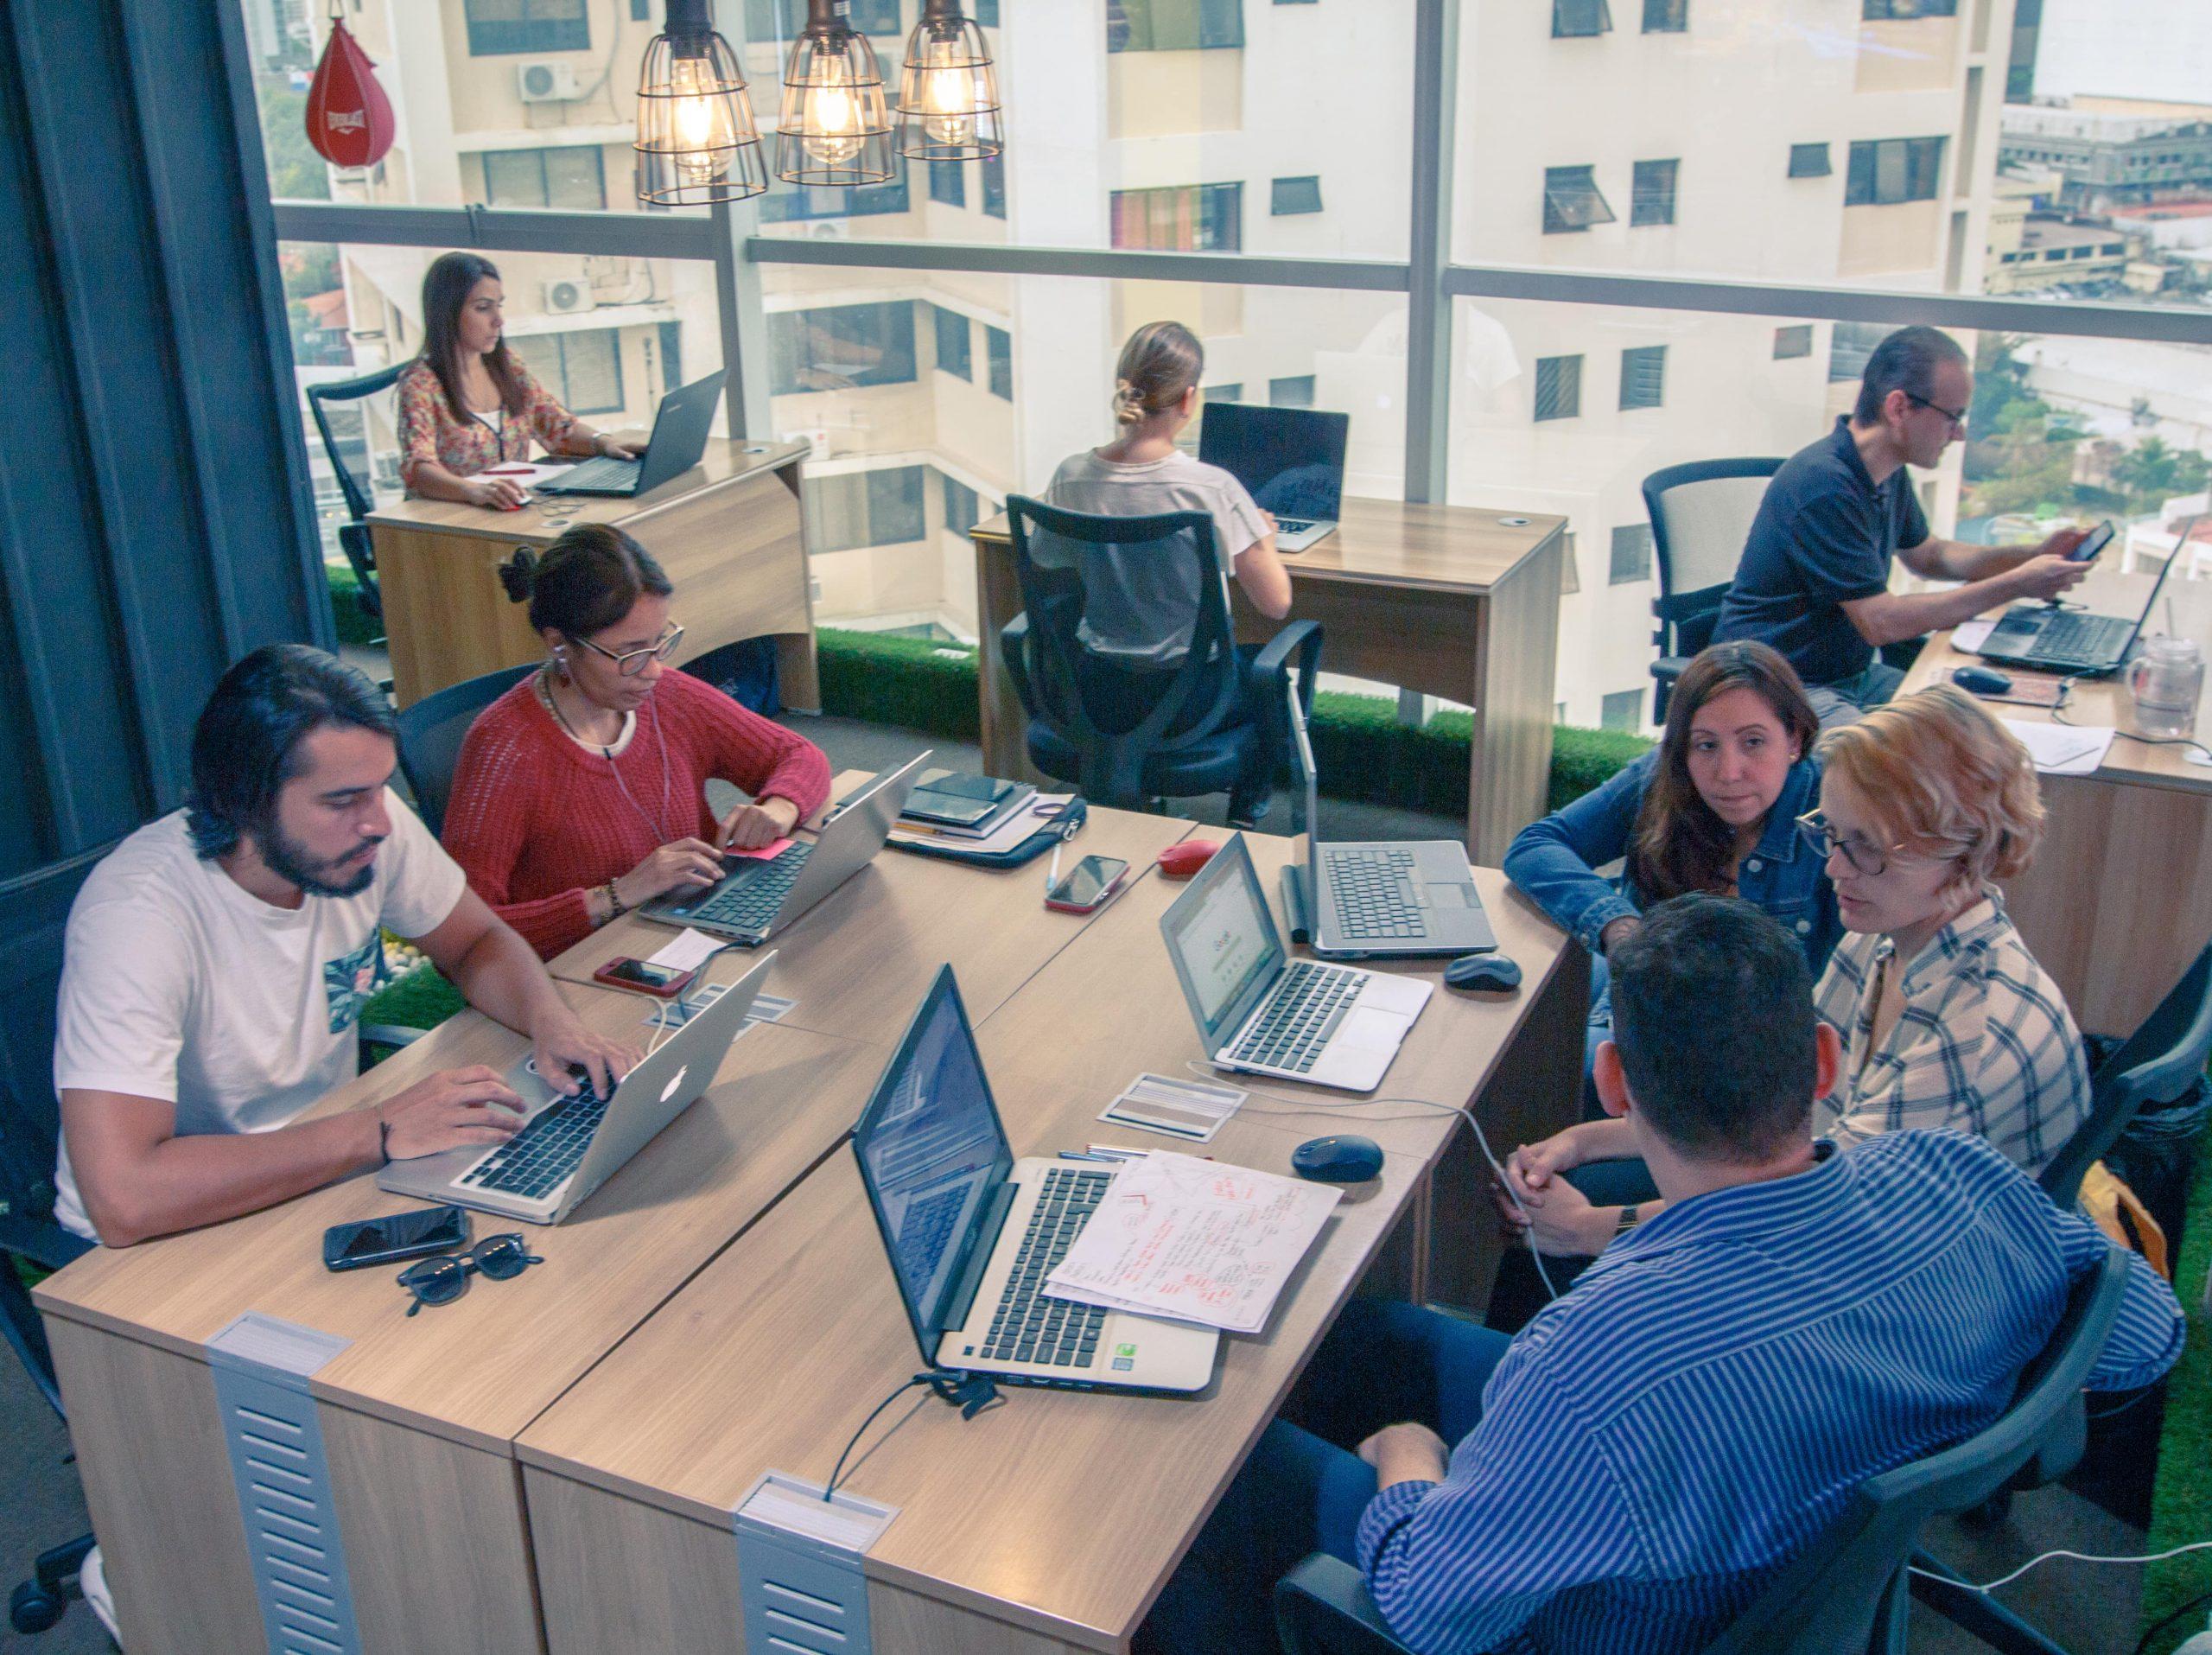 conferencias y coworking en panama en sede spatium